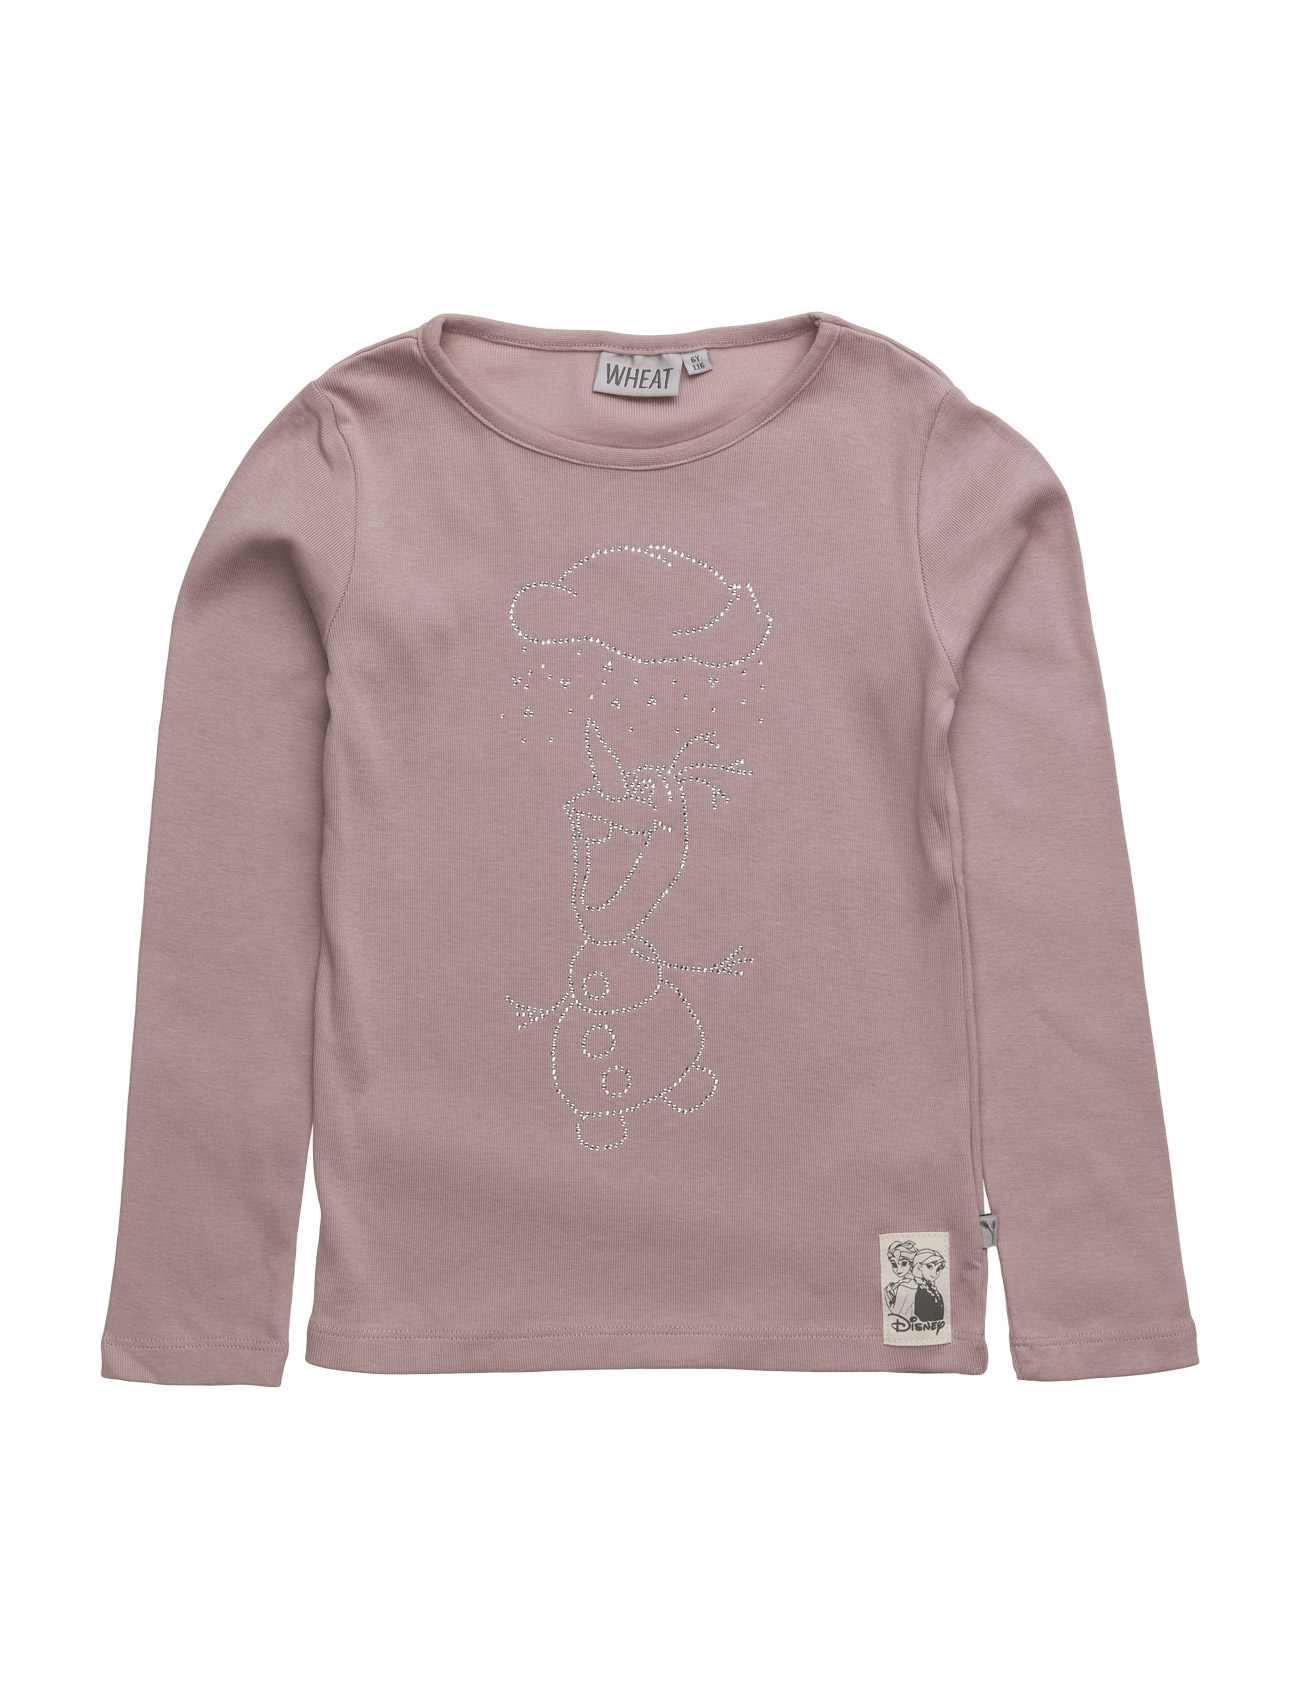 T-Shirt Olaf Disney by Wheat Langærmede t-shirts til Børn i